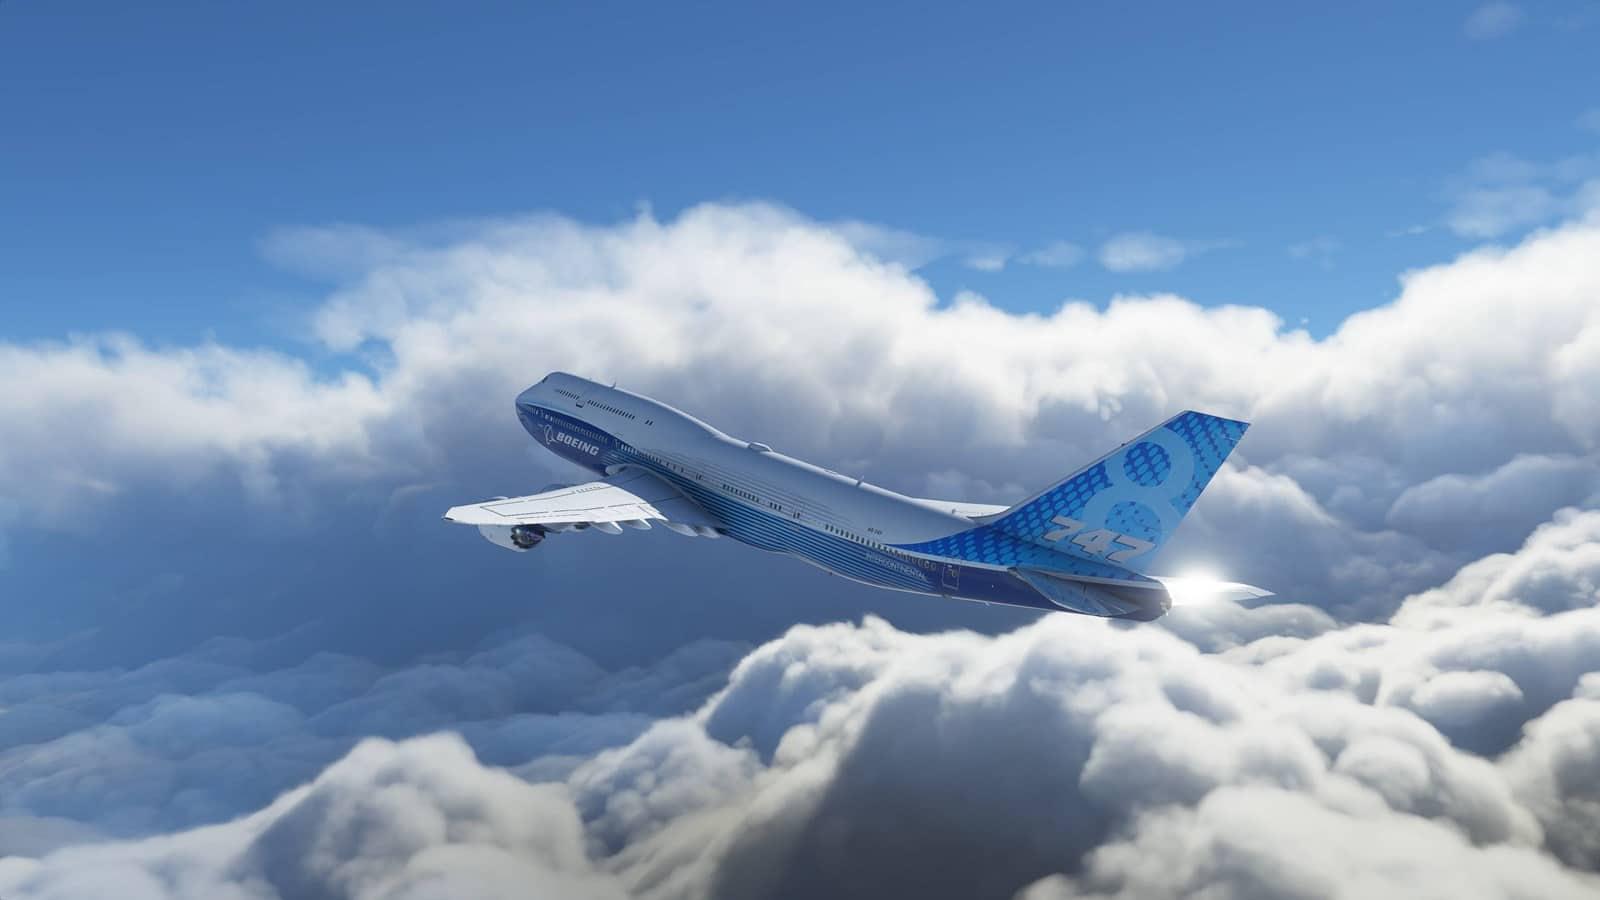 Microsoft Flight Simulator demonstruje sníh v novém videu